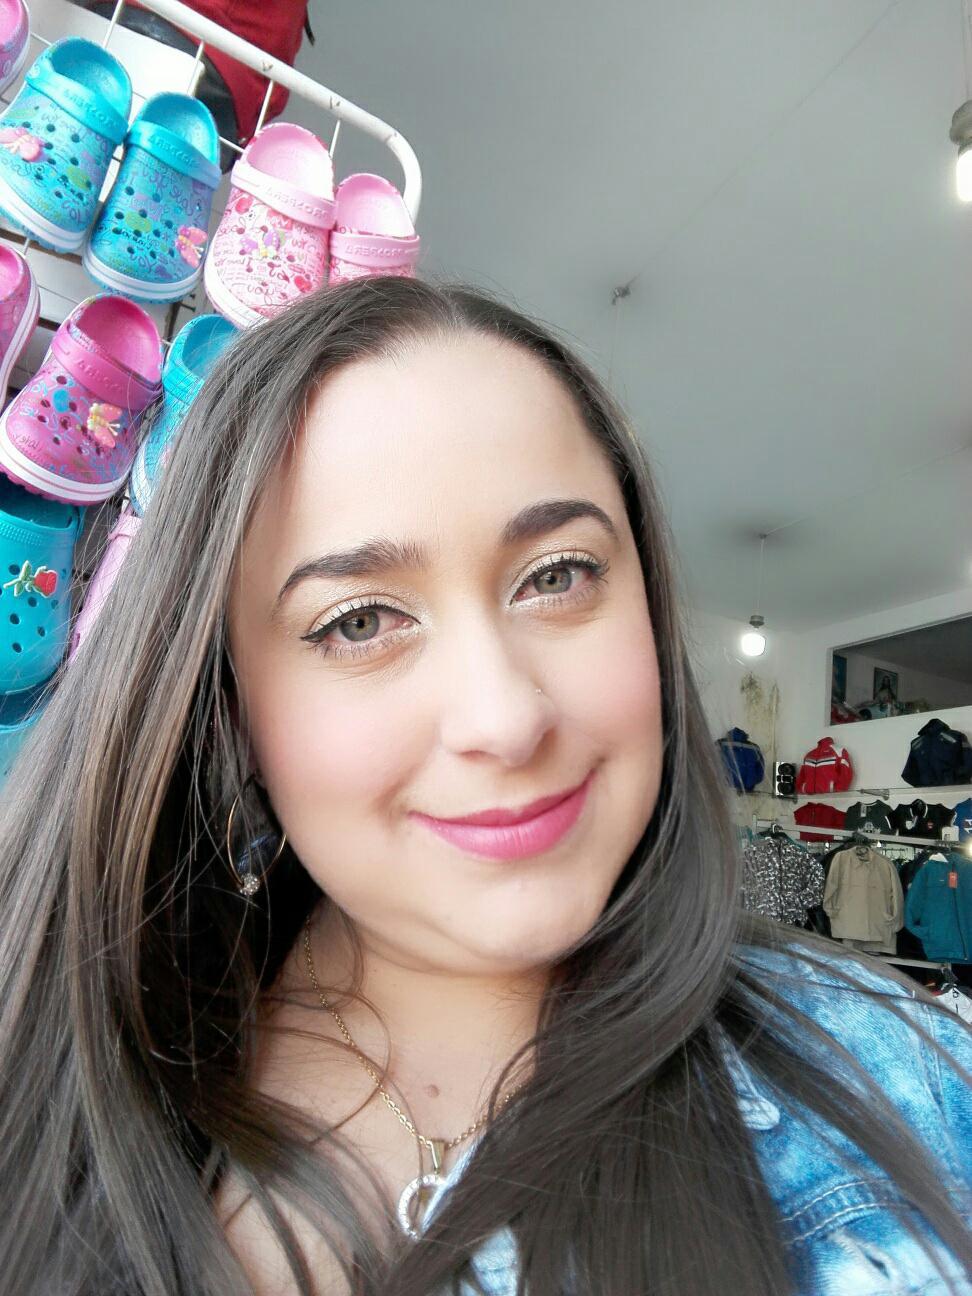 Medellin Kolumbia serwisy randkowe buzzfeed śmieszne profile randkowe